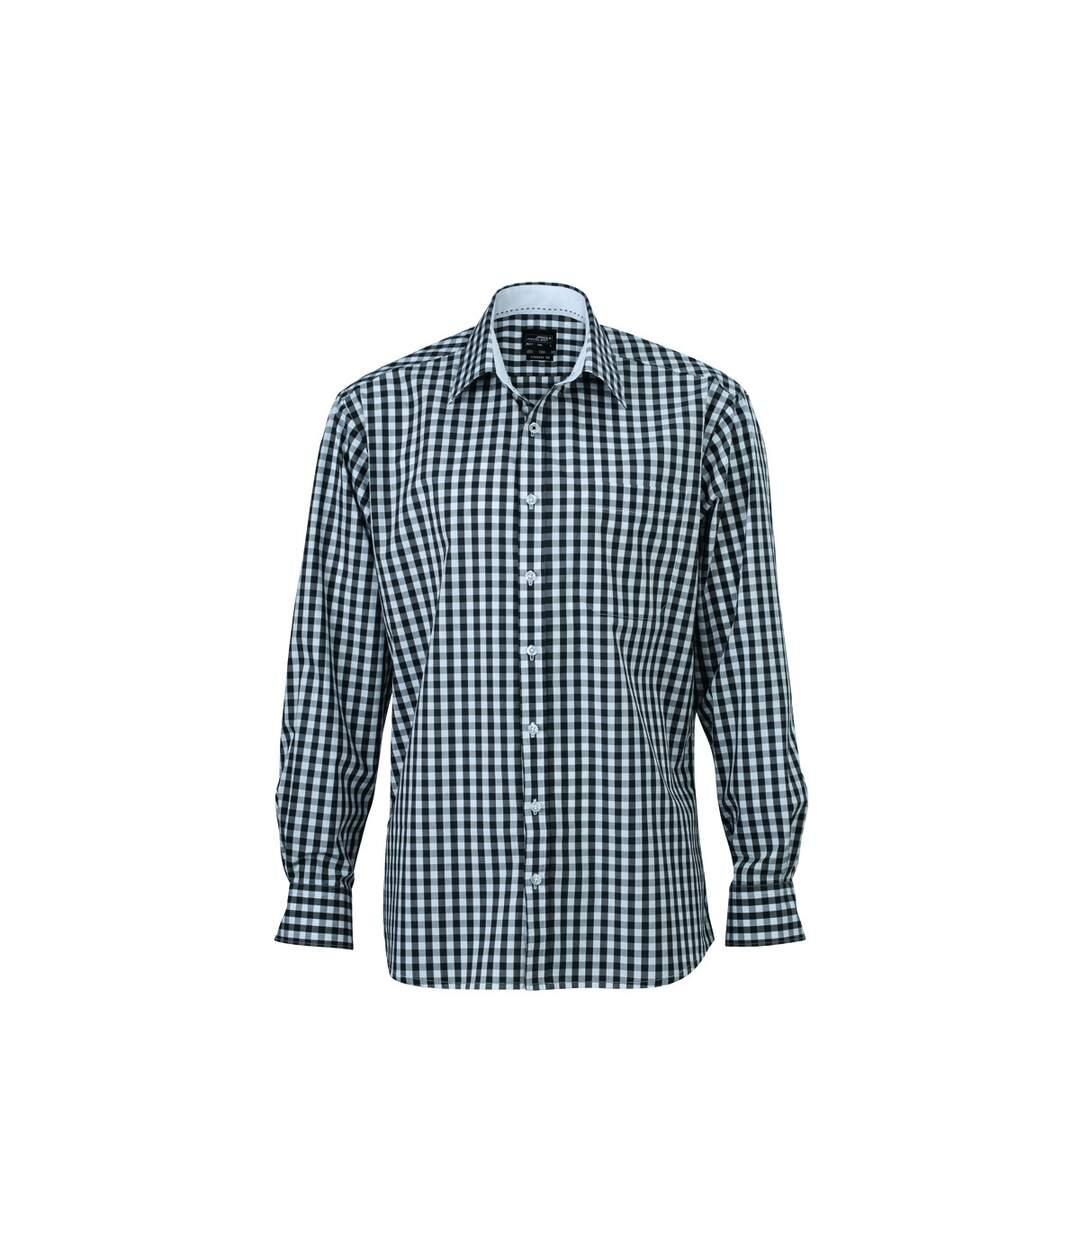 chemise manches longues carreaux vichy HOMME JN617 - gris graphite